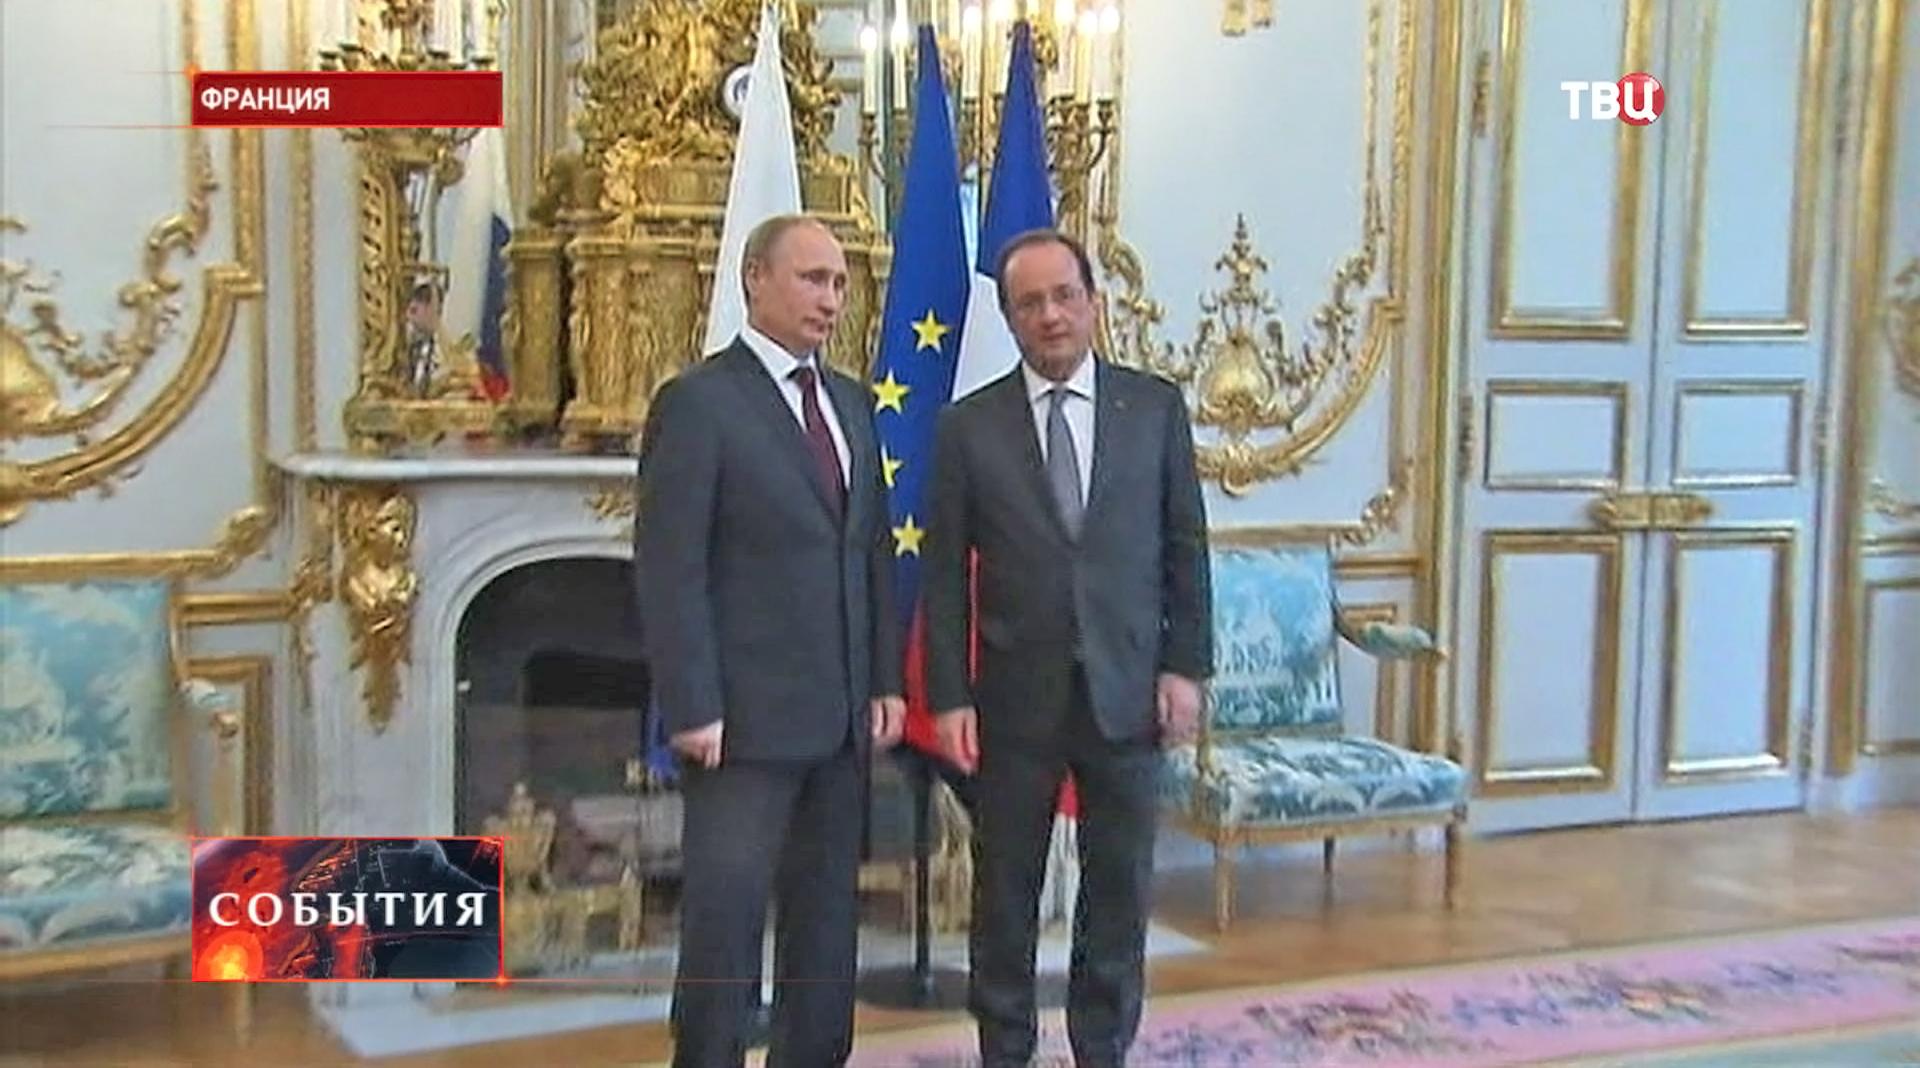 Владимир Путин и президент Франции Франсуа Олланд